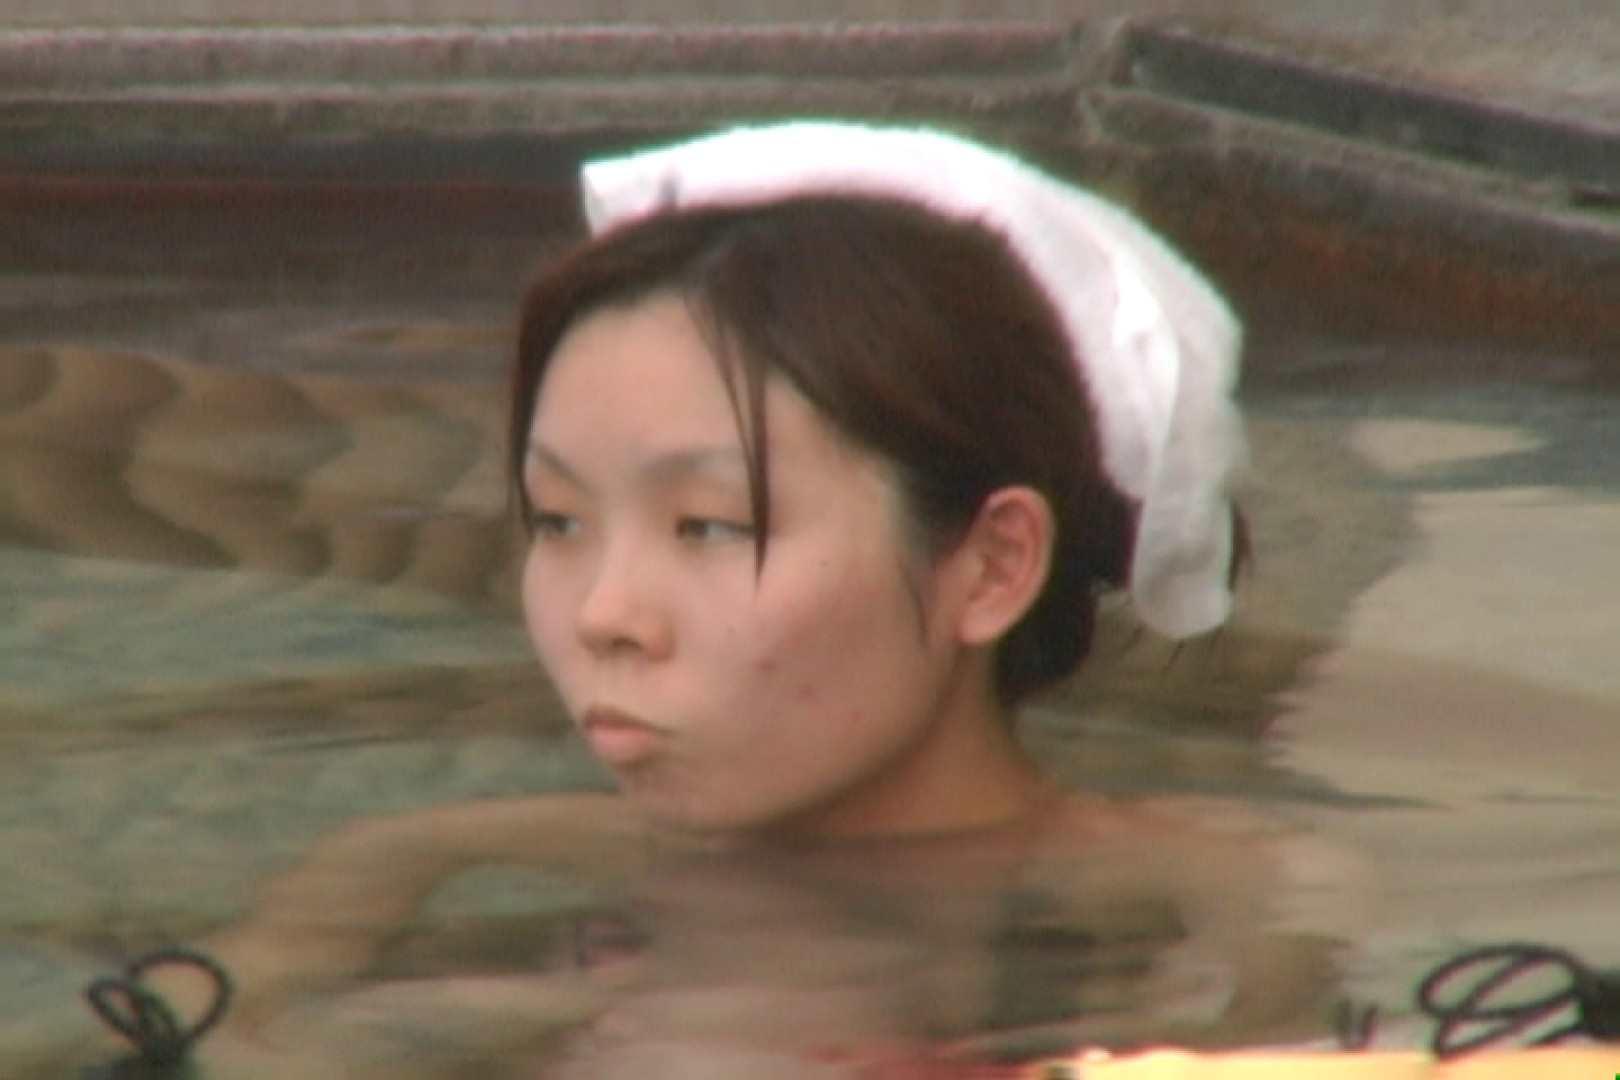 Aquaな露天風呂Vol.580 0   0  103pic 85